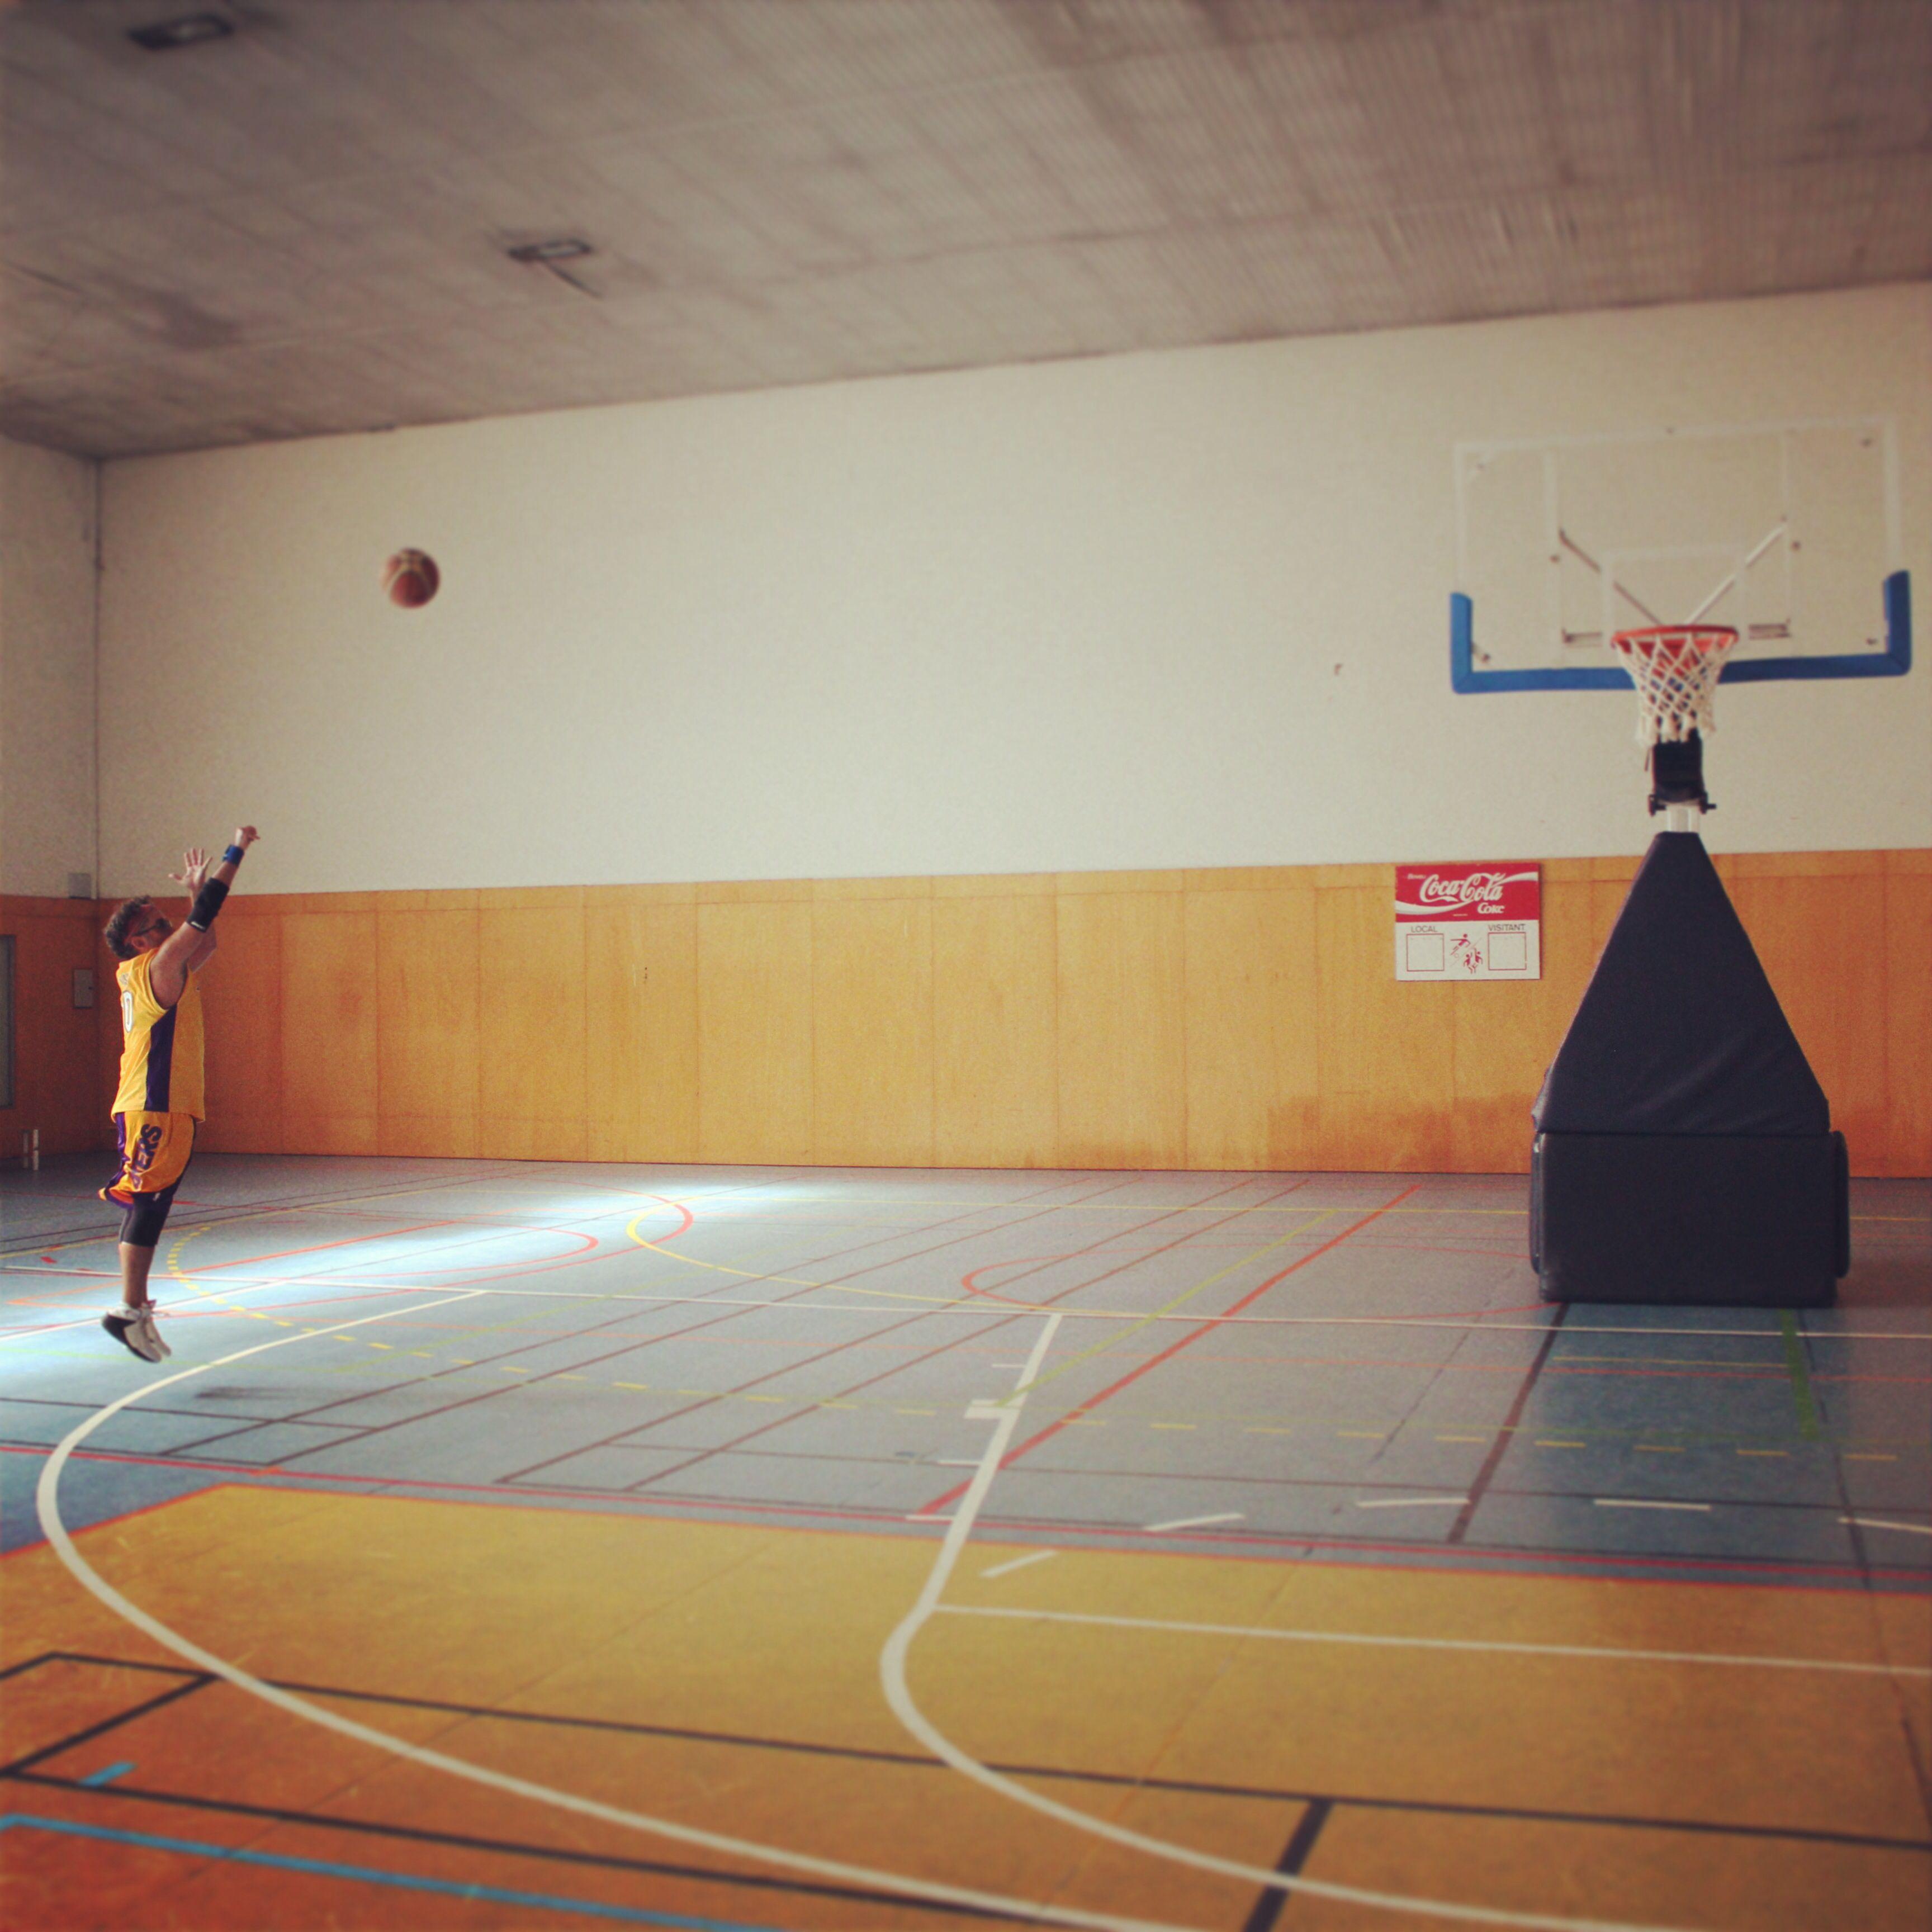 Tiro en suspensión: Lanzamiento a canasta tras elevarse en el aire, apoyando el balón en una mano mientras se sujeta con la otra, finalizando el lanzamiento con un característico golpe de muñeca